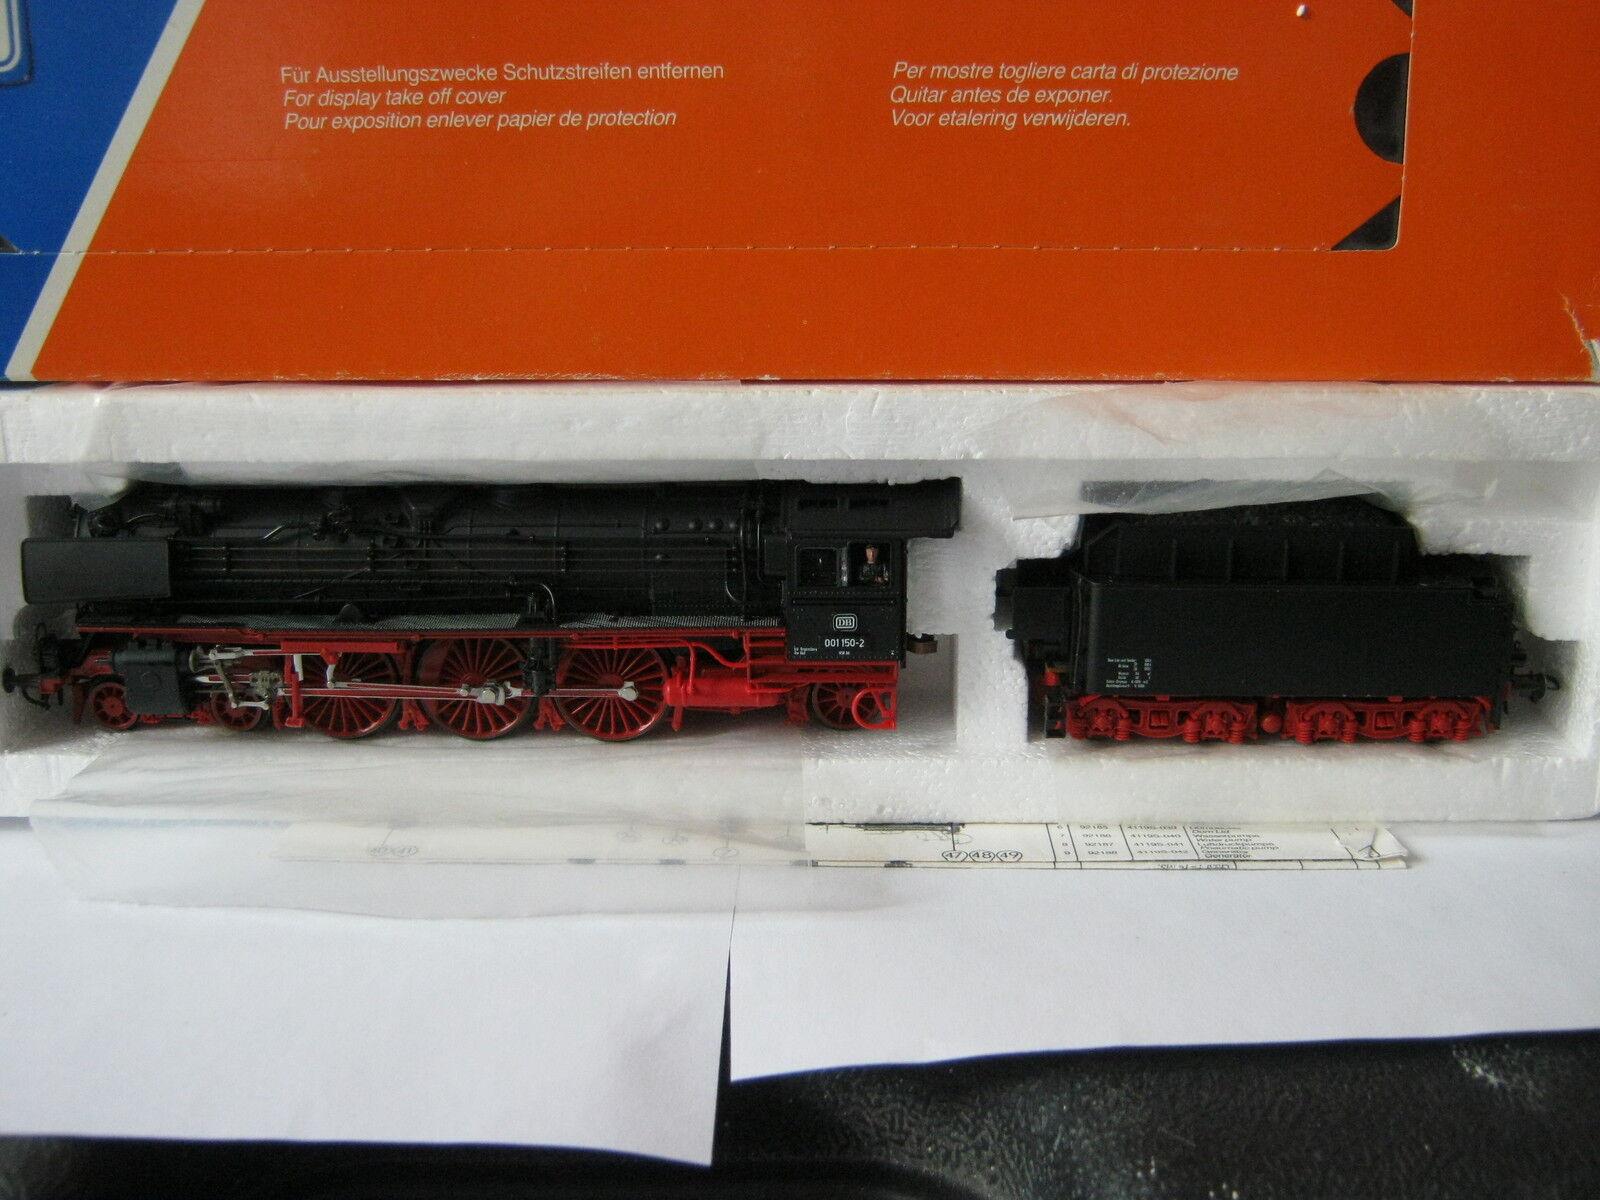 Roco HO 43240 Dampf Lok   Schlepp -Tenderlok BR 001 150-2 DB (RG BU 006-85S9 1)  | Hat einen langen Ruf